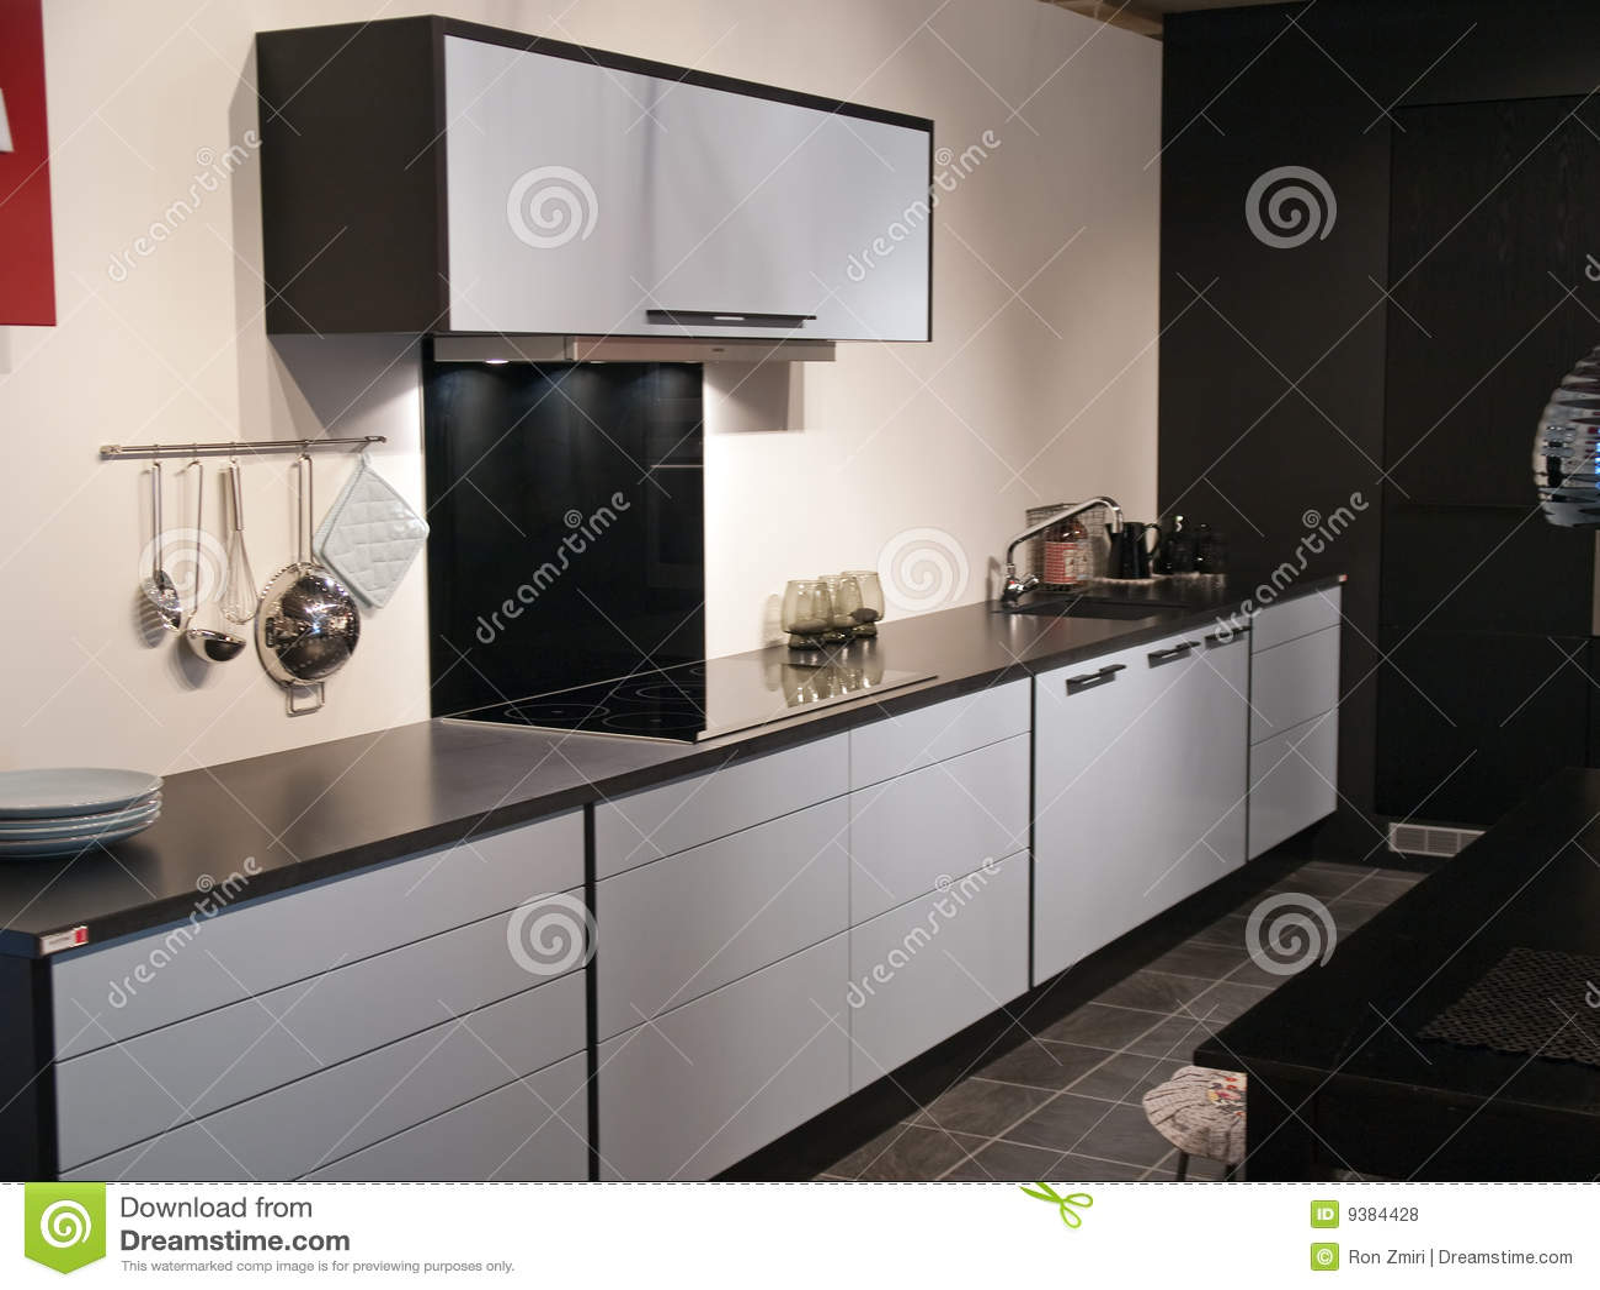 Cuisine noire moderne photos – 902 cuisine noire moderne images ...